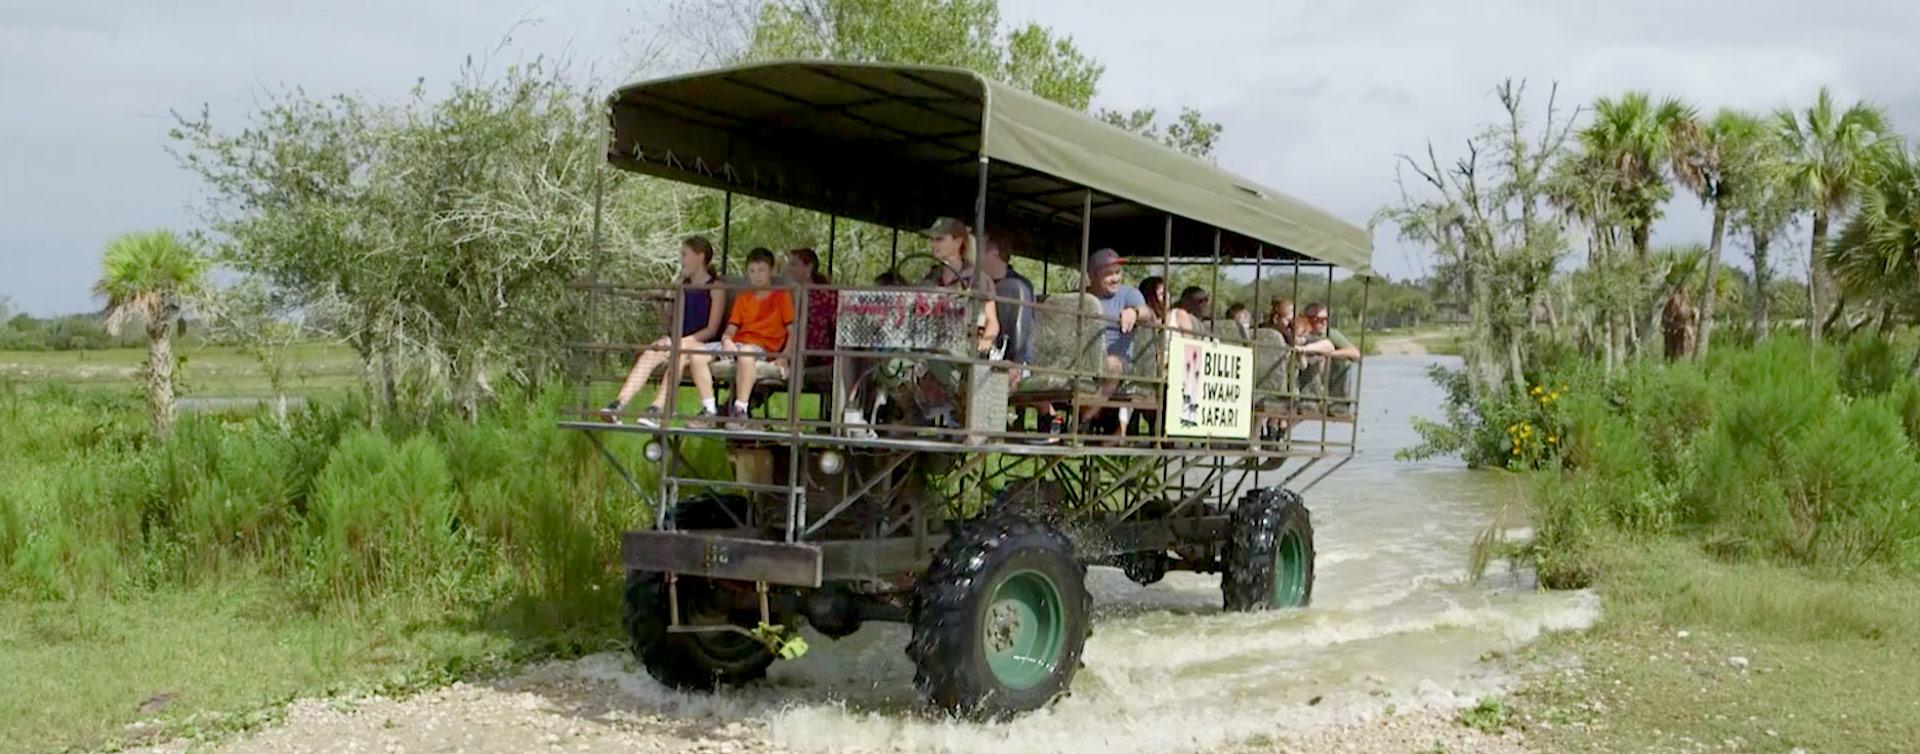 Billie Swamp Safari Seminole Tribe Of Florida